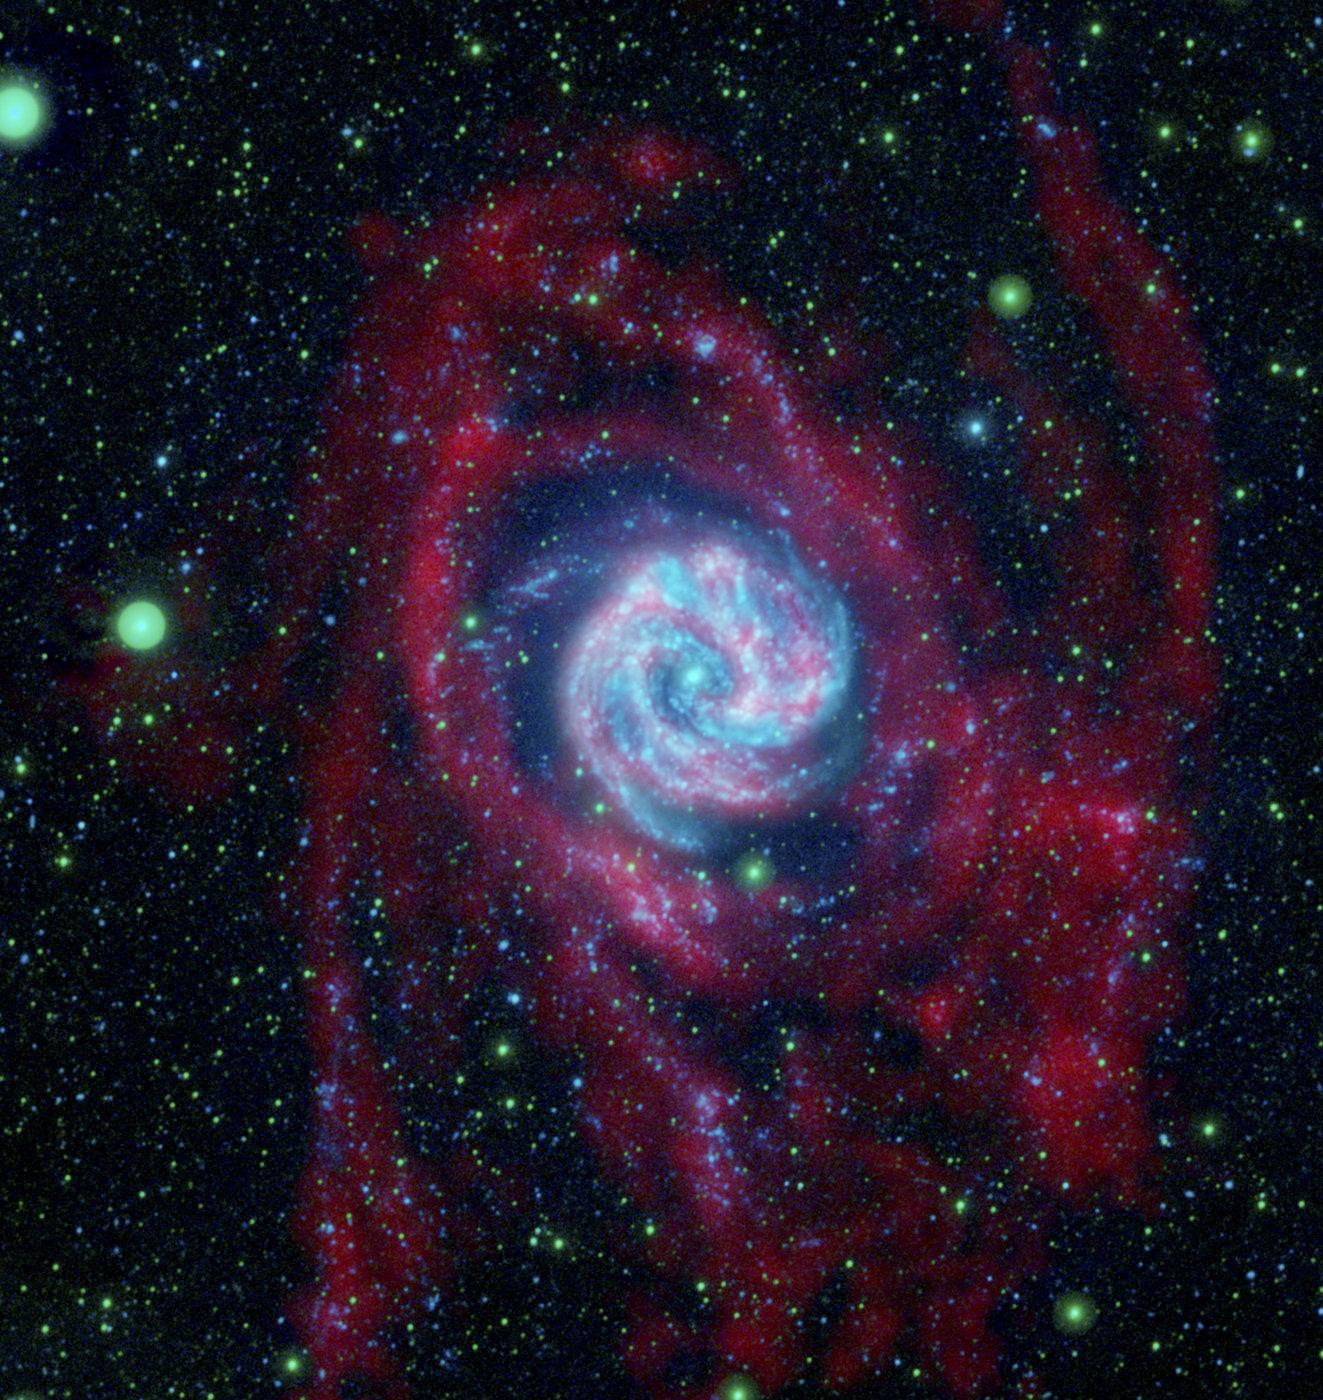 სპირალურ გალაქტიკათა კიდეებზე, სავარაუდოდ, უამრავი შავი ხვრელი იმალება